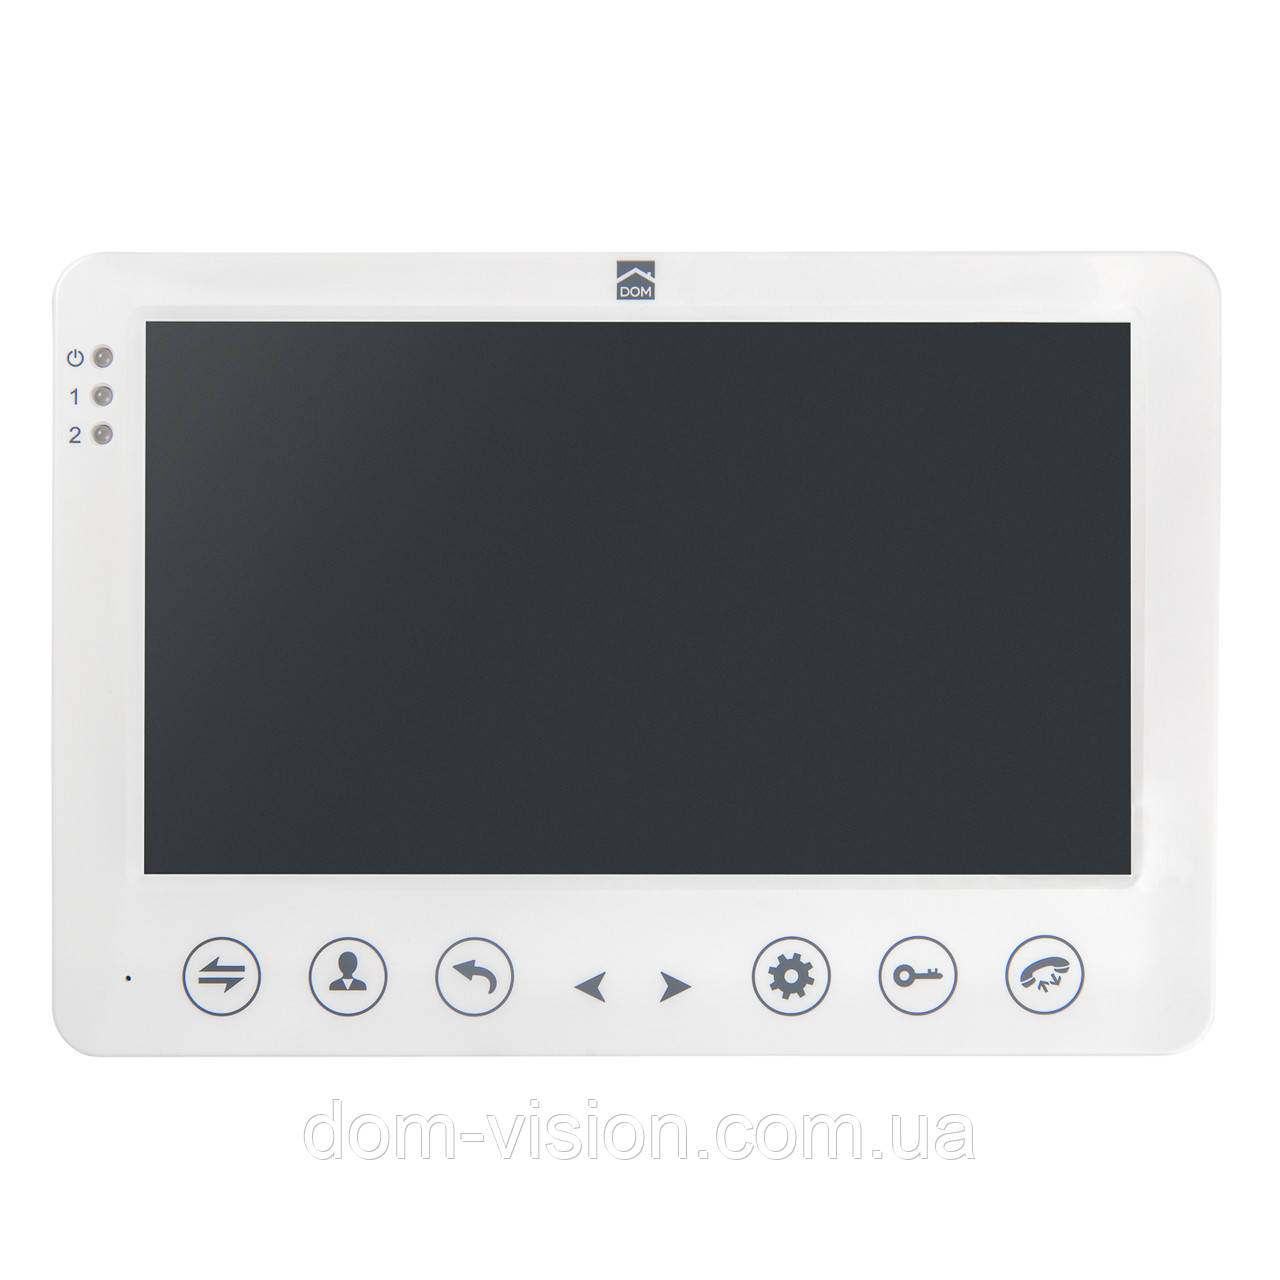 HD видеодомофон Dom AHD 7W